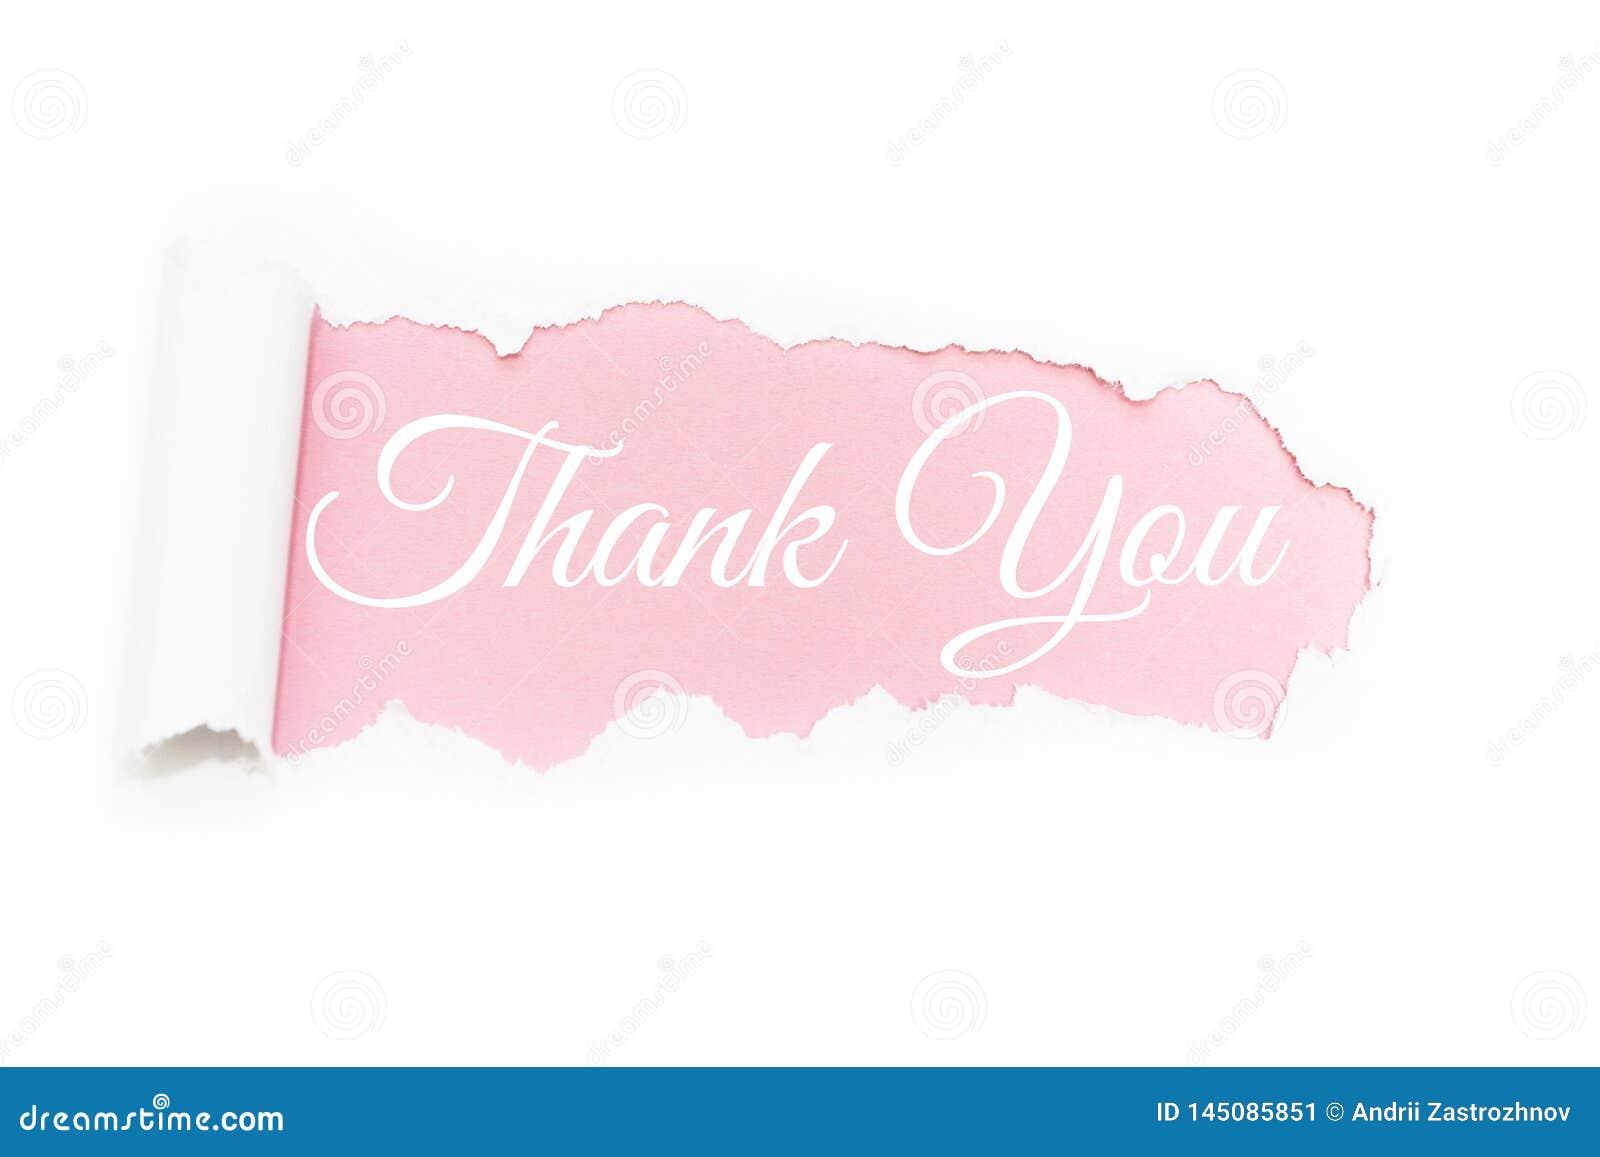 Ένα κεφαλαίο γράμμα των ευχαριστιών στη ρήξη του εγγράφου για ένα ρόδι